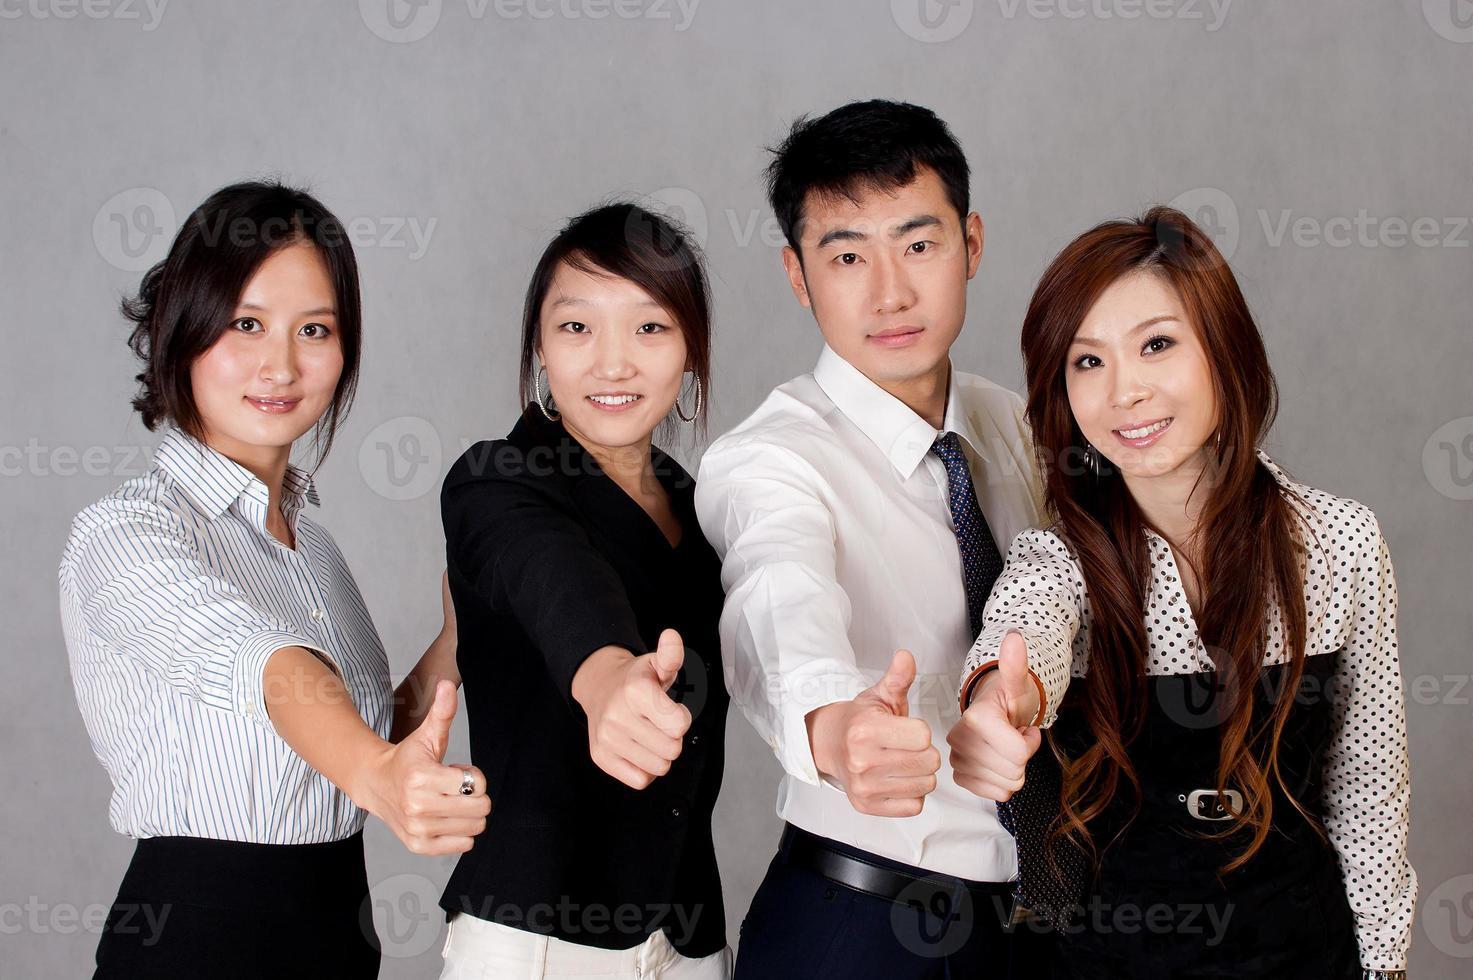 equipe de negócios foto